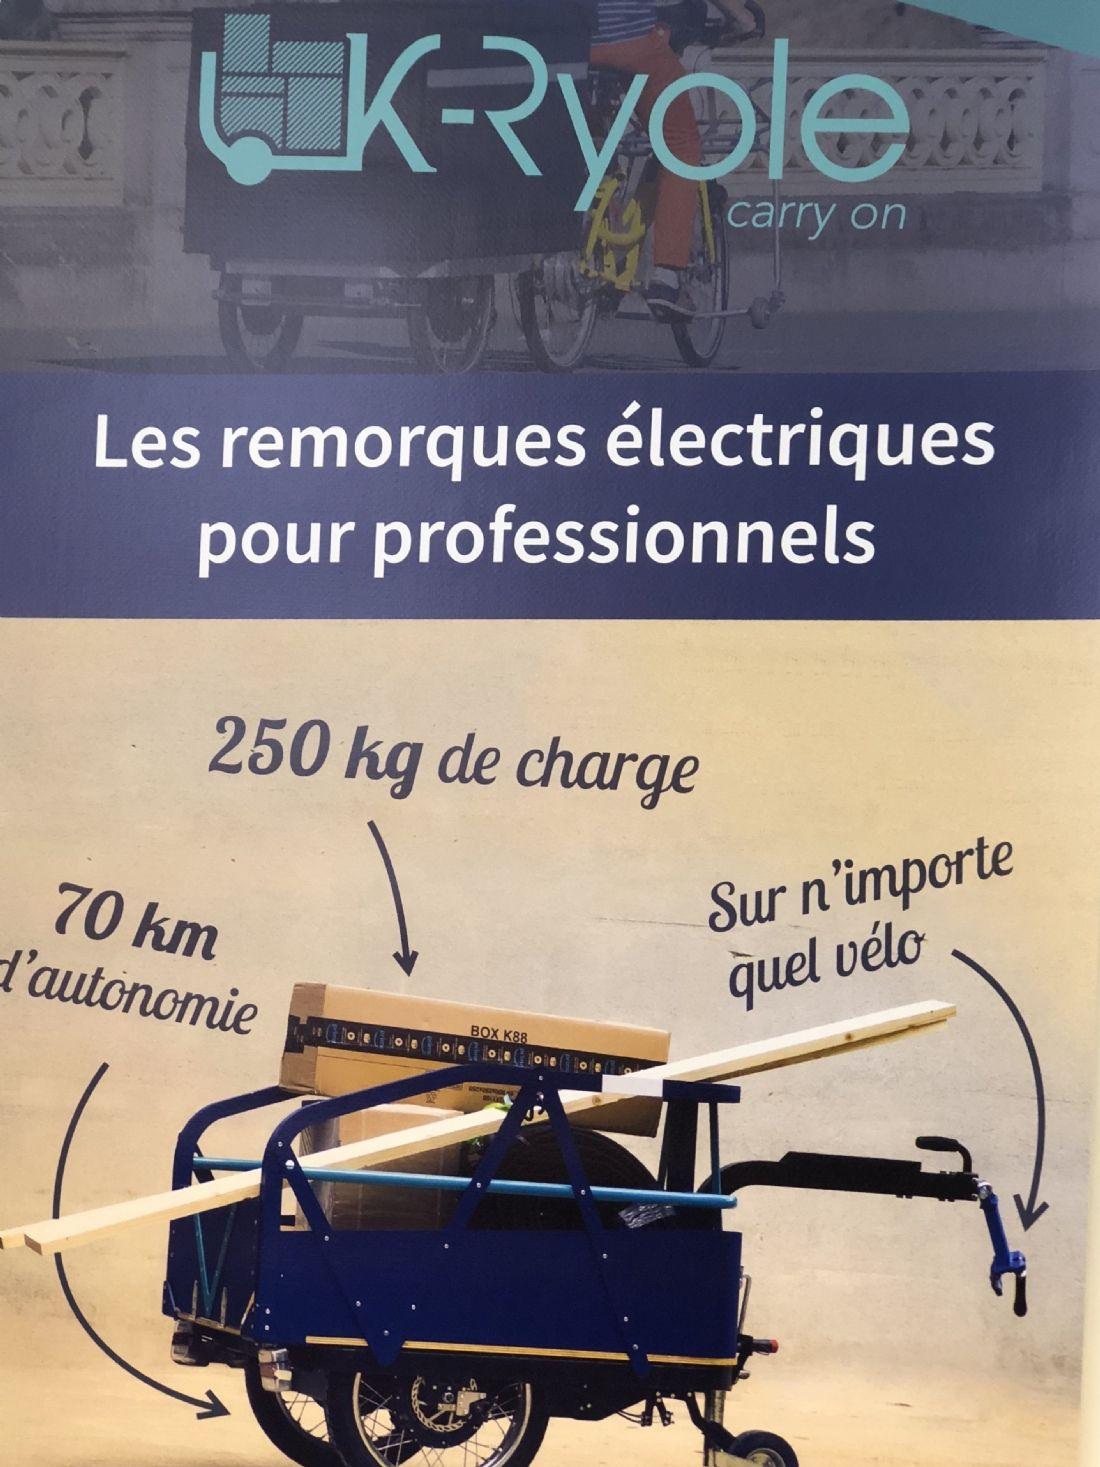 K-Ryole remorque électrique sécurisée